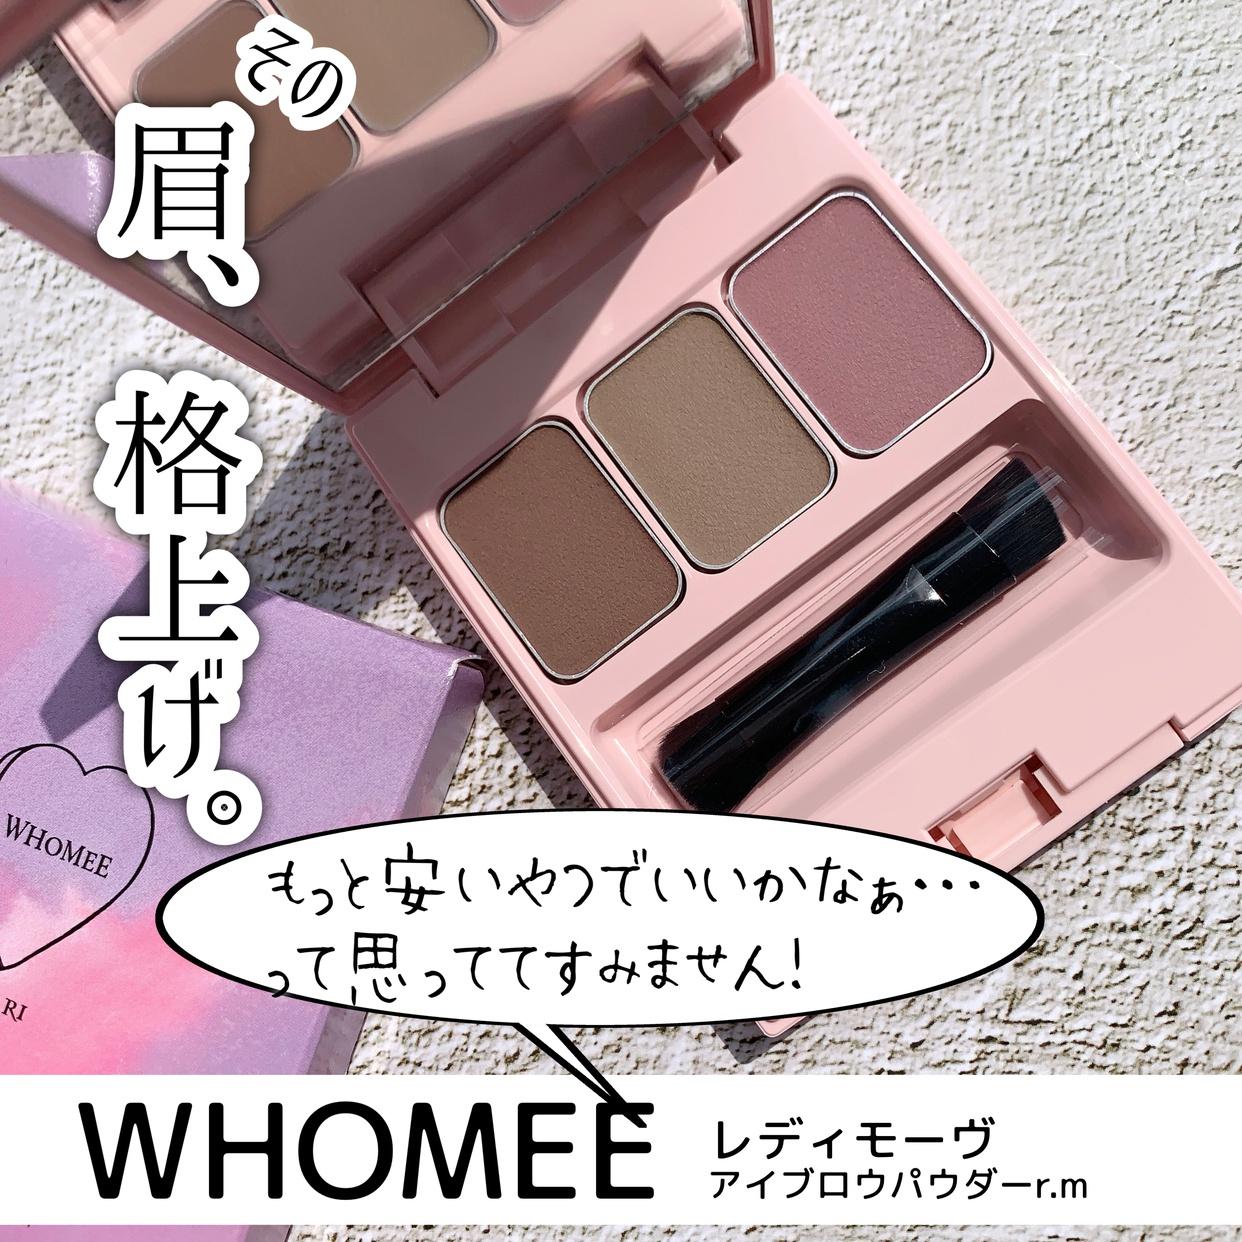 WHOMEE(フーミー) アイブロウパウダーを使ったマト子さんのクチコミ画像